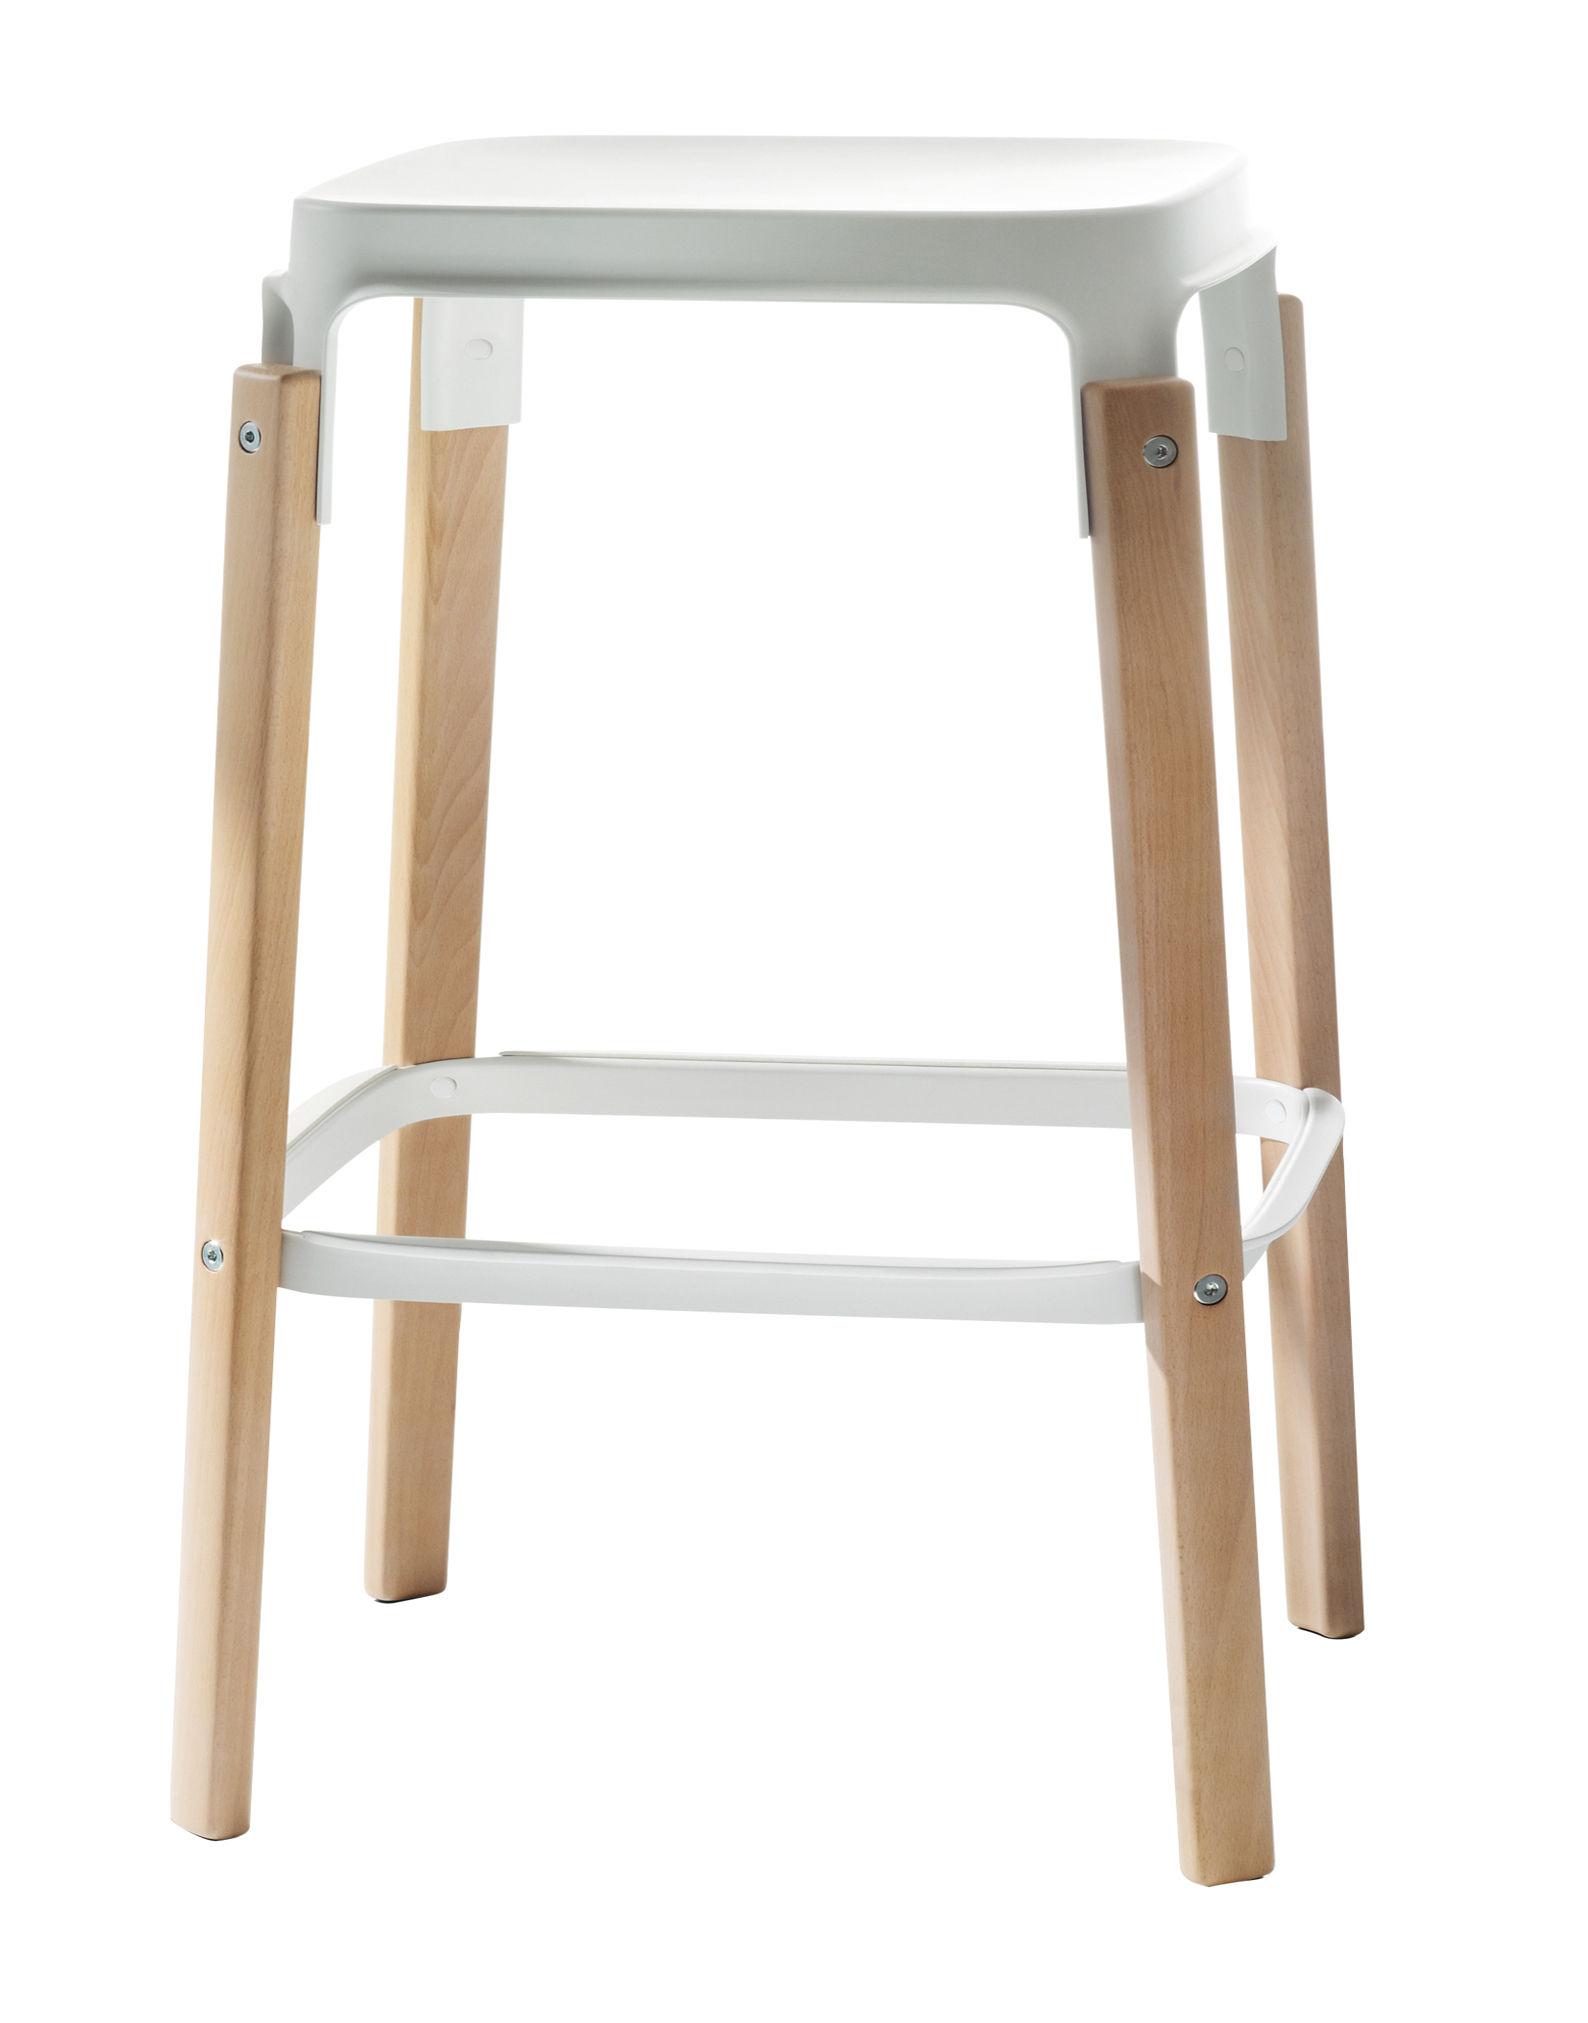 Mobilier - Tabourets de bar - Tabouret de bar Steelwood / Bois & métal - H 68 cm - Magis - Blanc / Hêtre - Acier verni, Hêtre